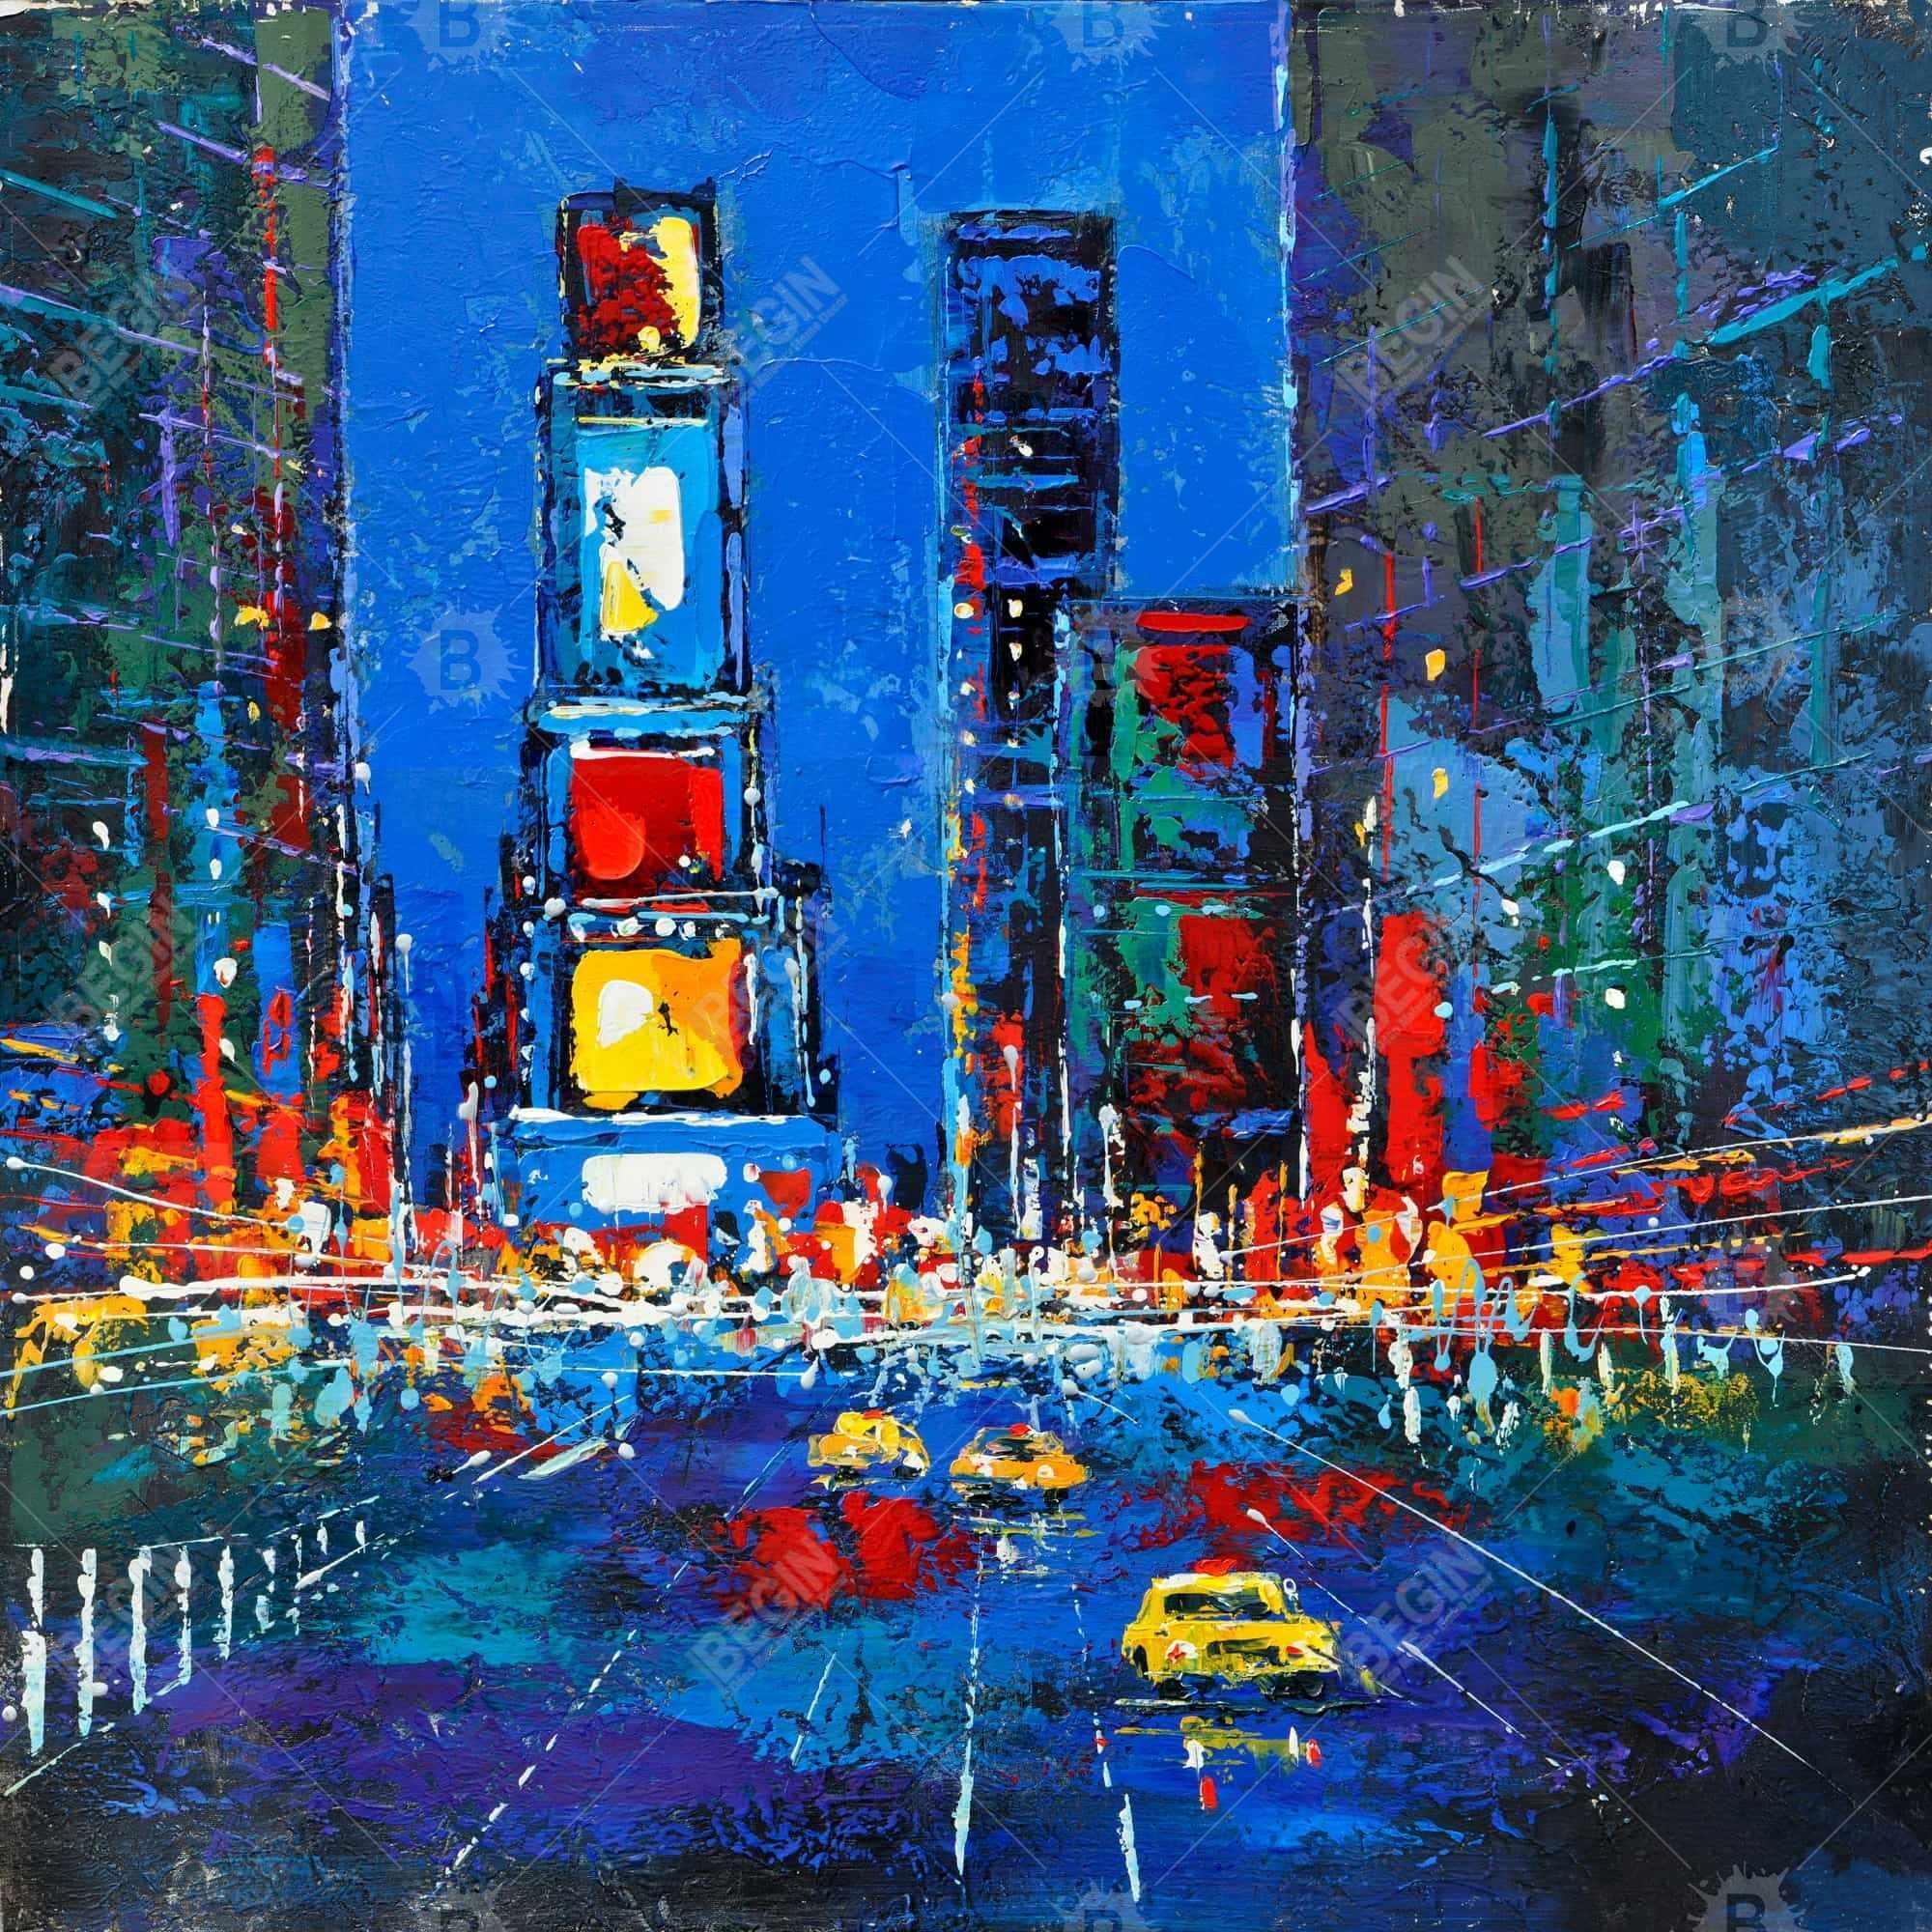 Times square abstraits et colorés de nuit